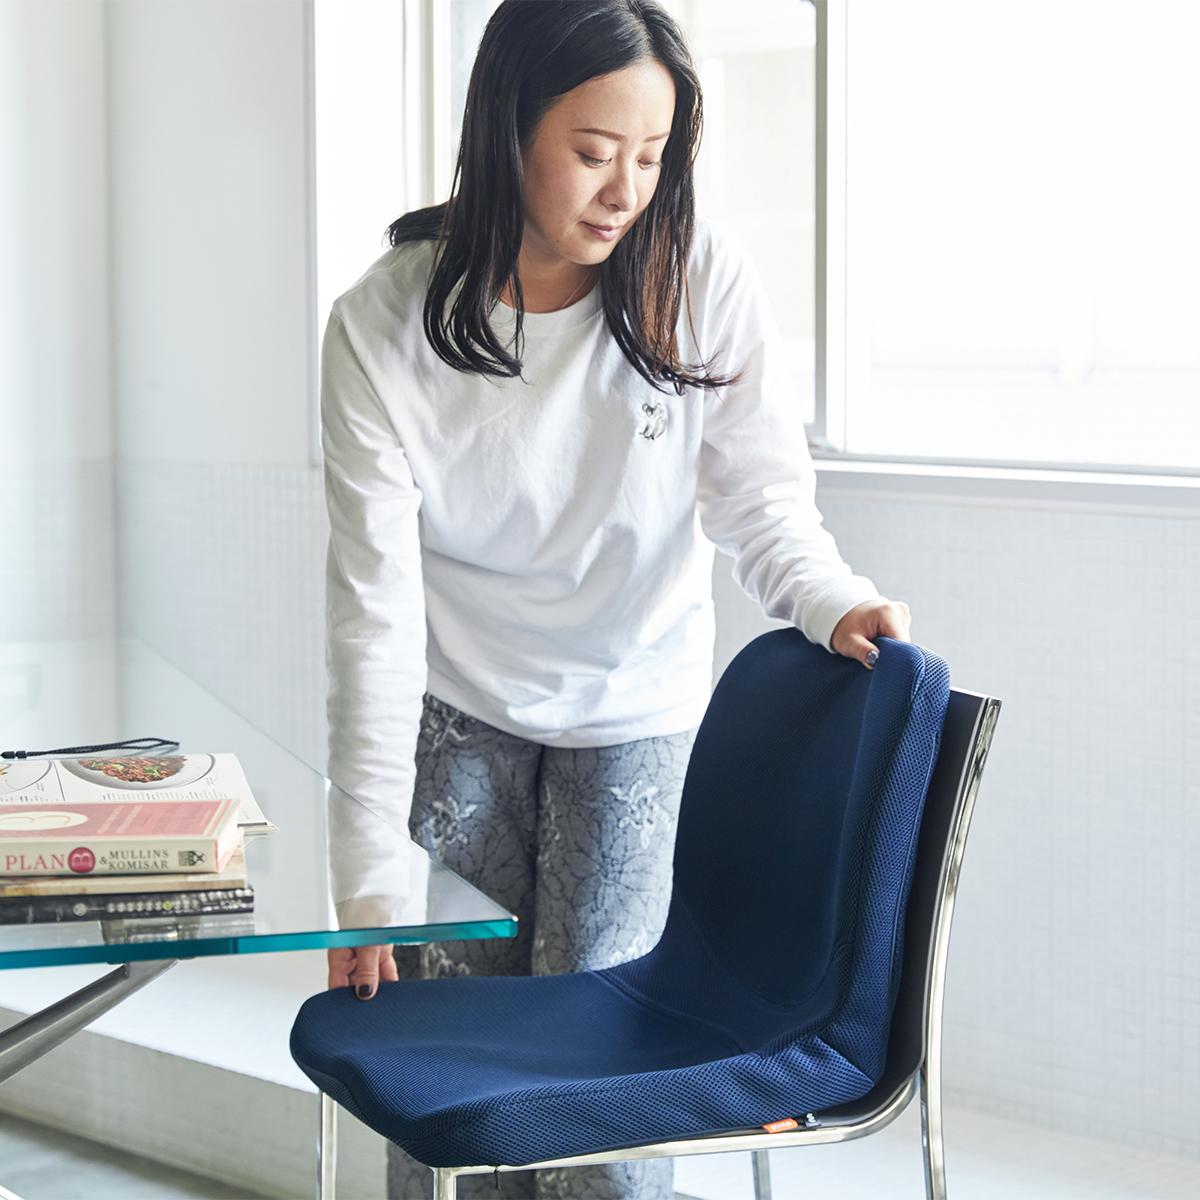 驚くほど腰がラクなのに、正しい姿勢が習慣化する「チェアシート(椅子クッション)」|P!nto